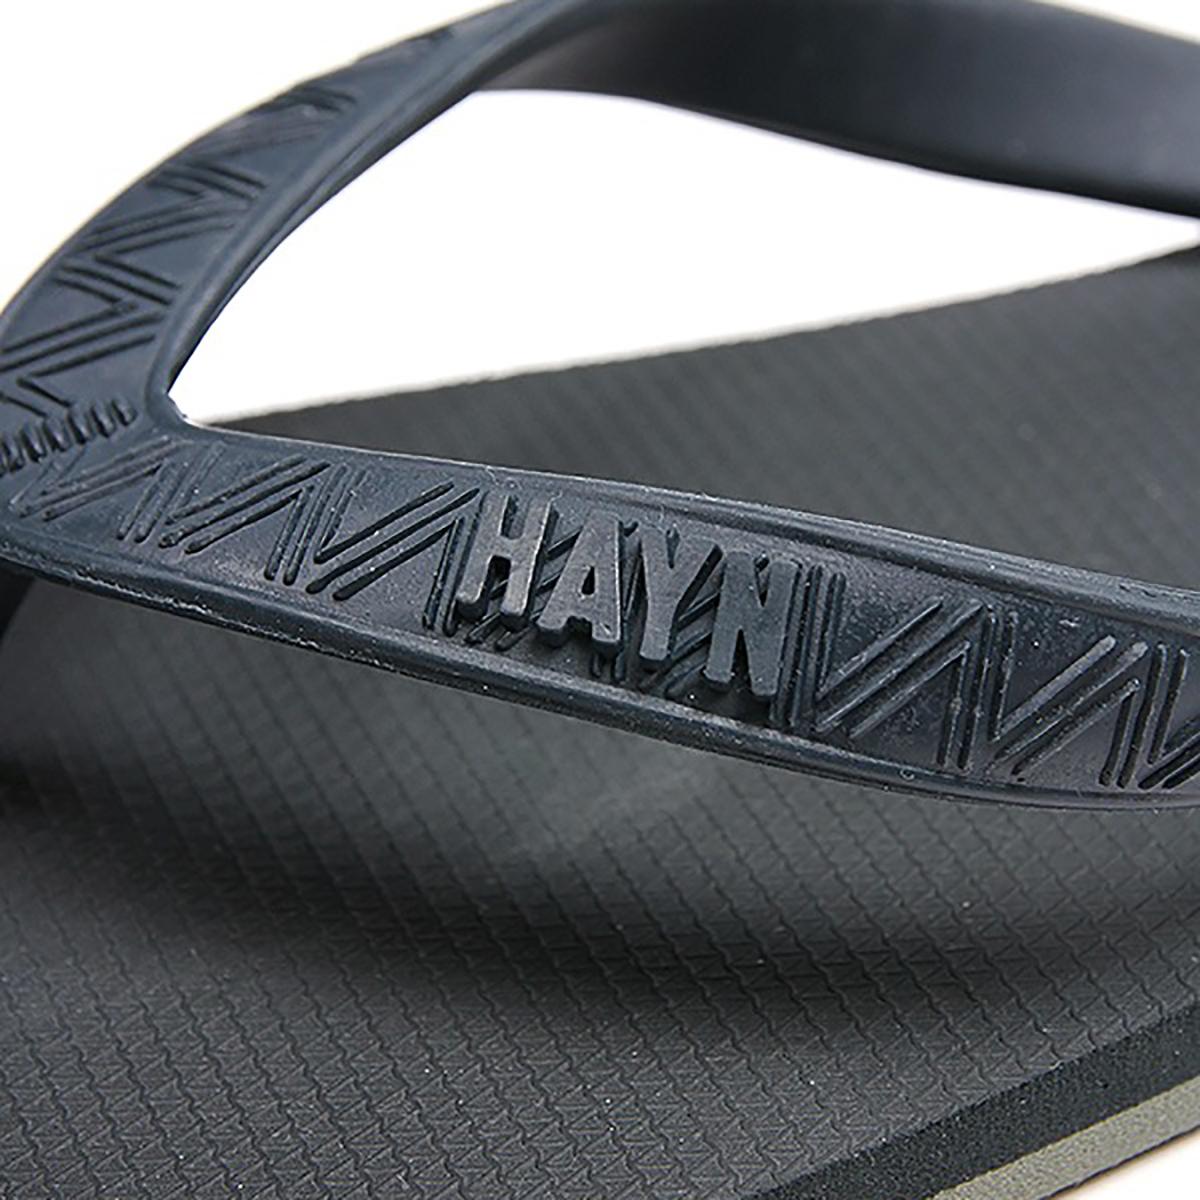 ハワイ生まれのLOHASなビーチサンダル|TONAL (MEN) Charcoal | 足も心も気持ちいい、ハワイ生まれのビーチサンダル